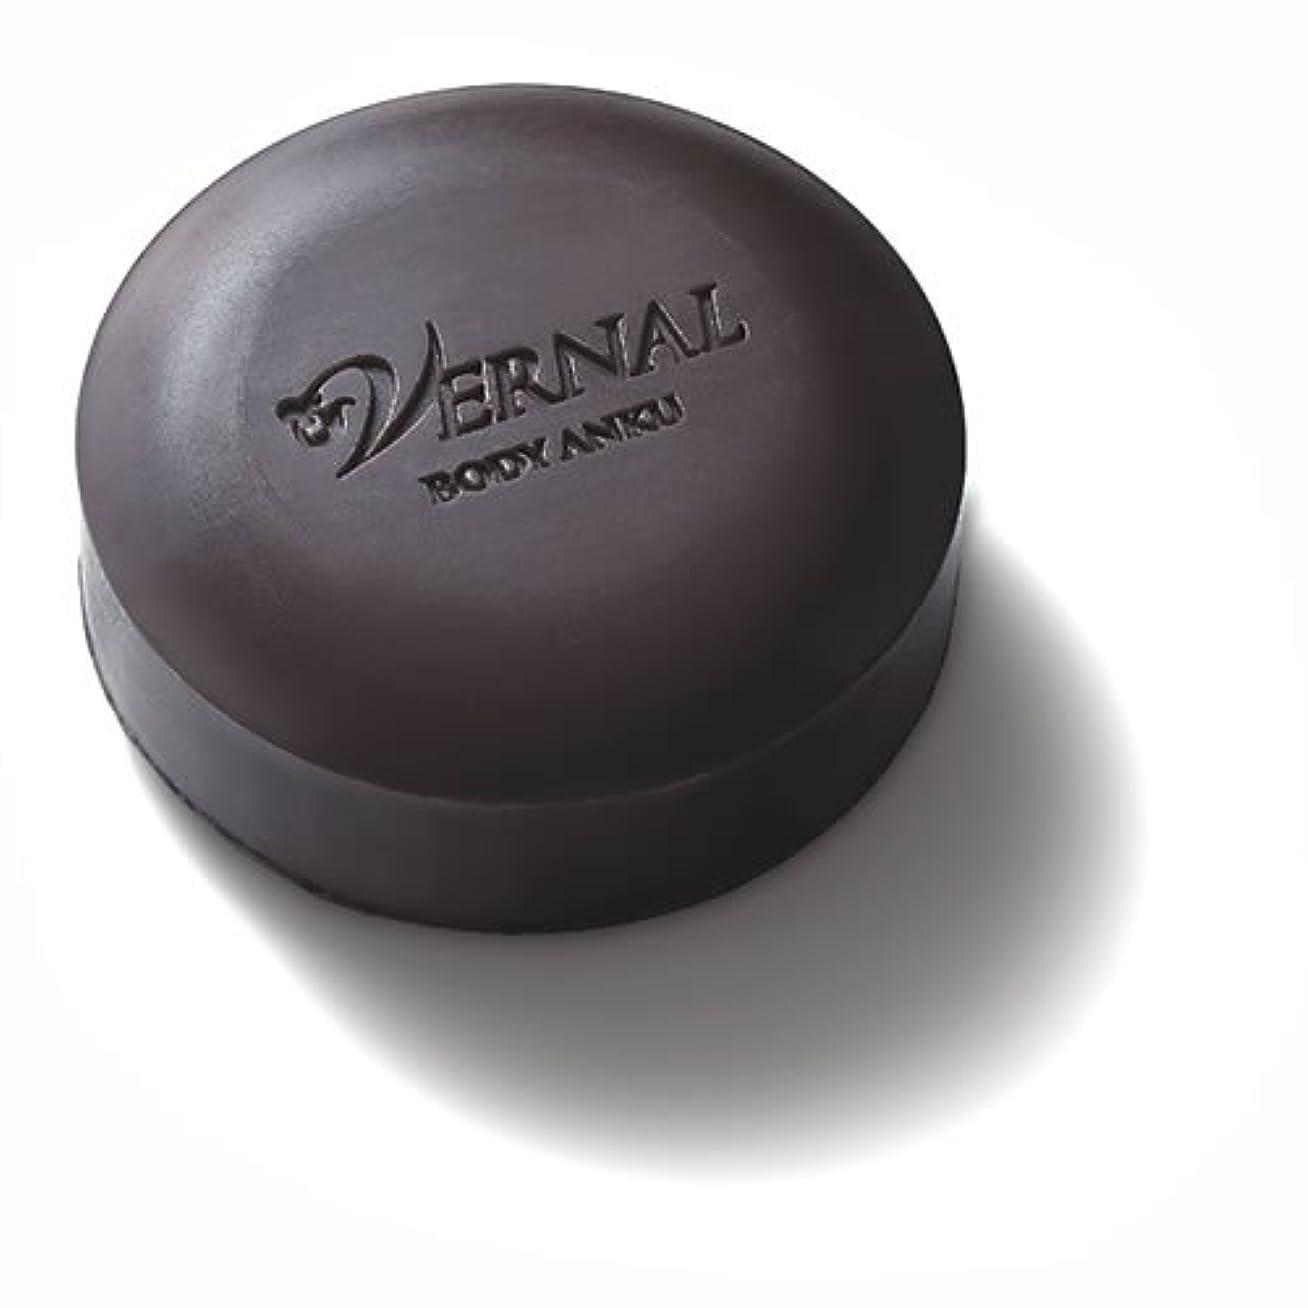 体ポジション破産ボディアンク/ヴァーナル ボディ用 石鹸 デオドラント